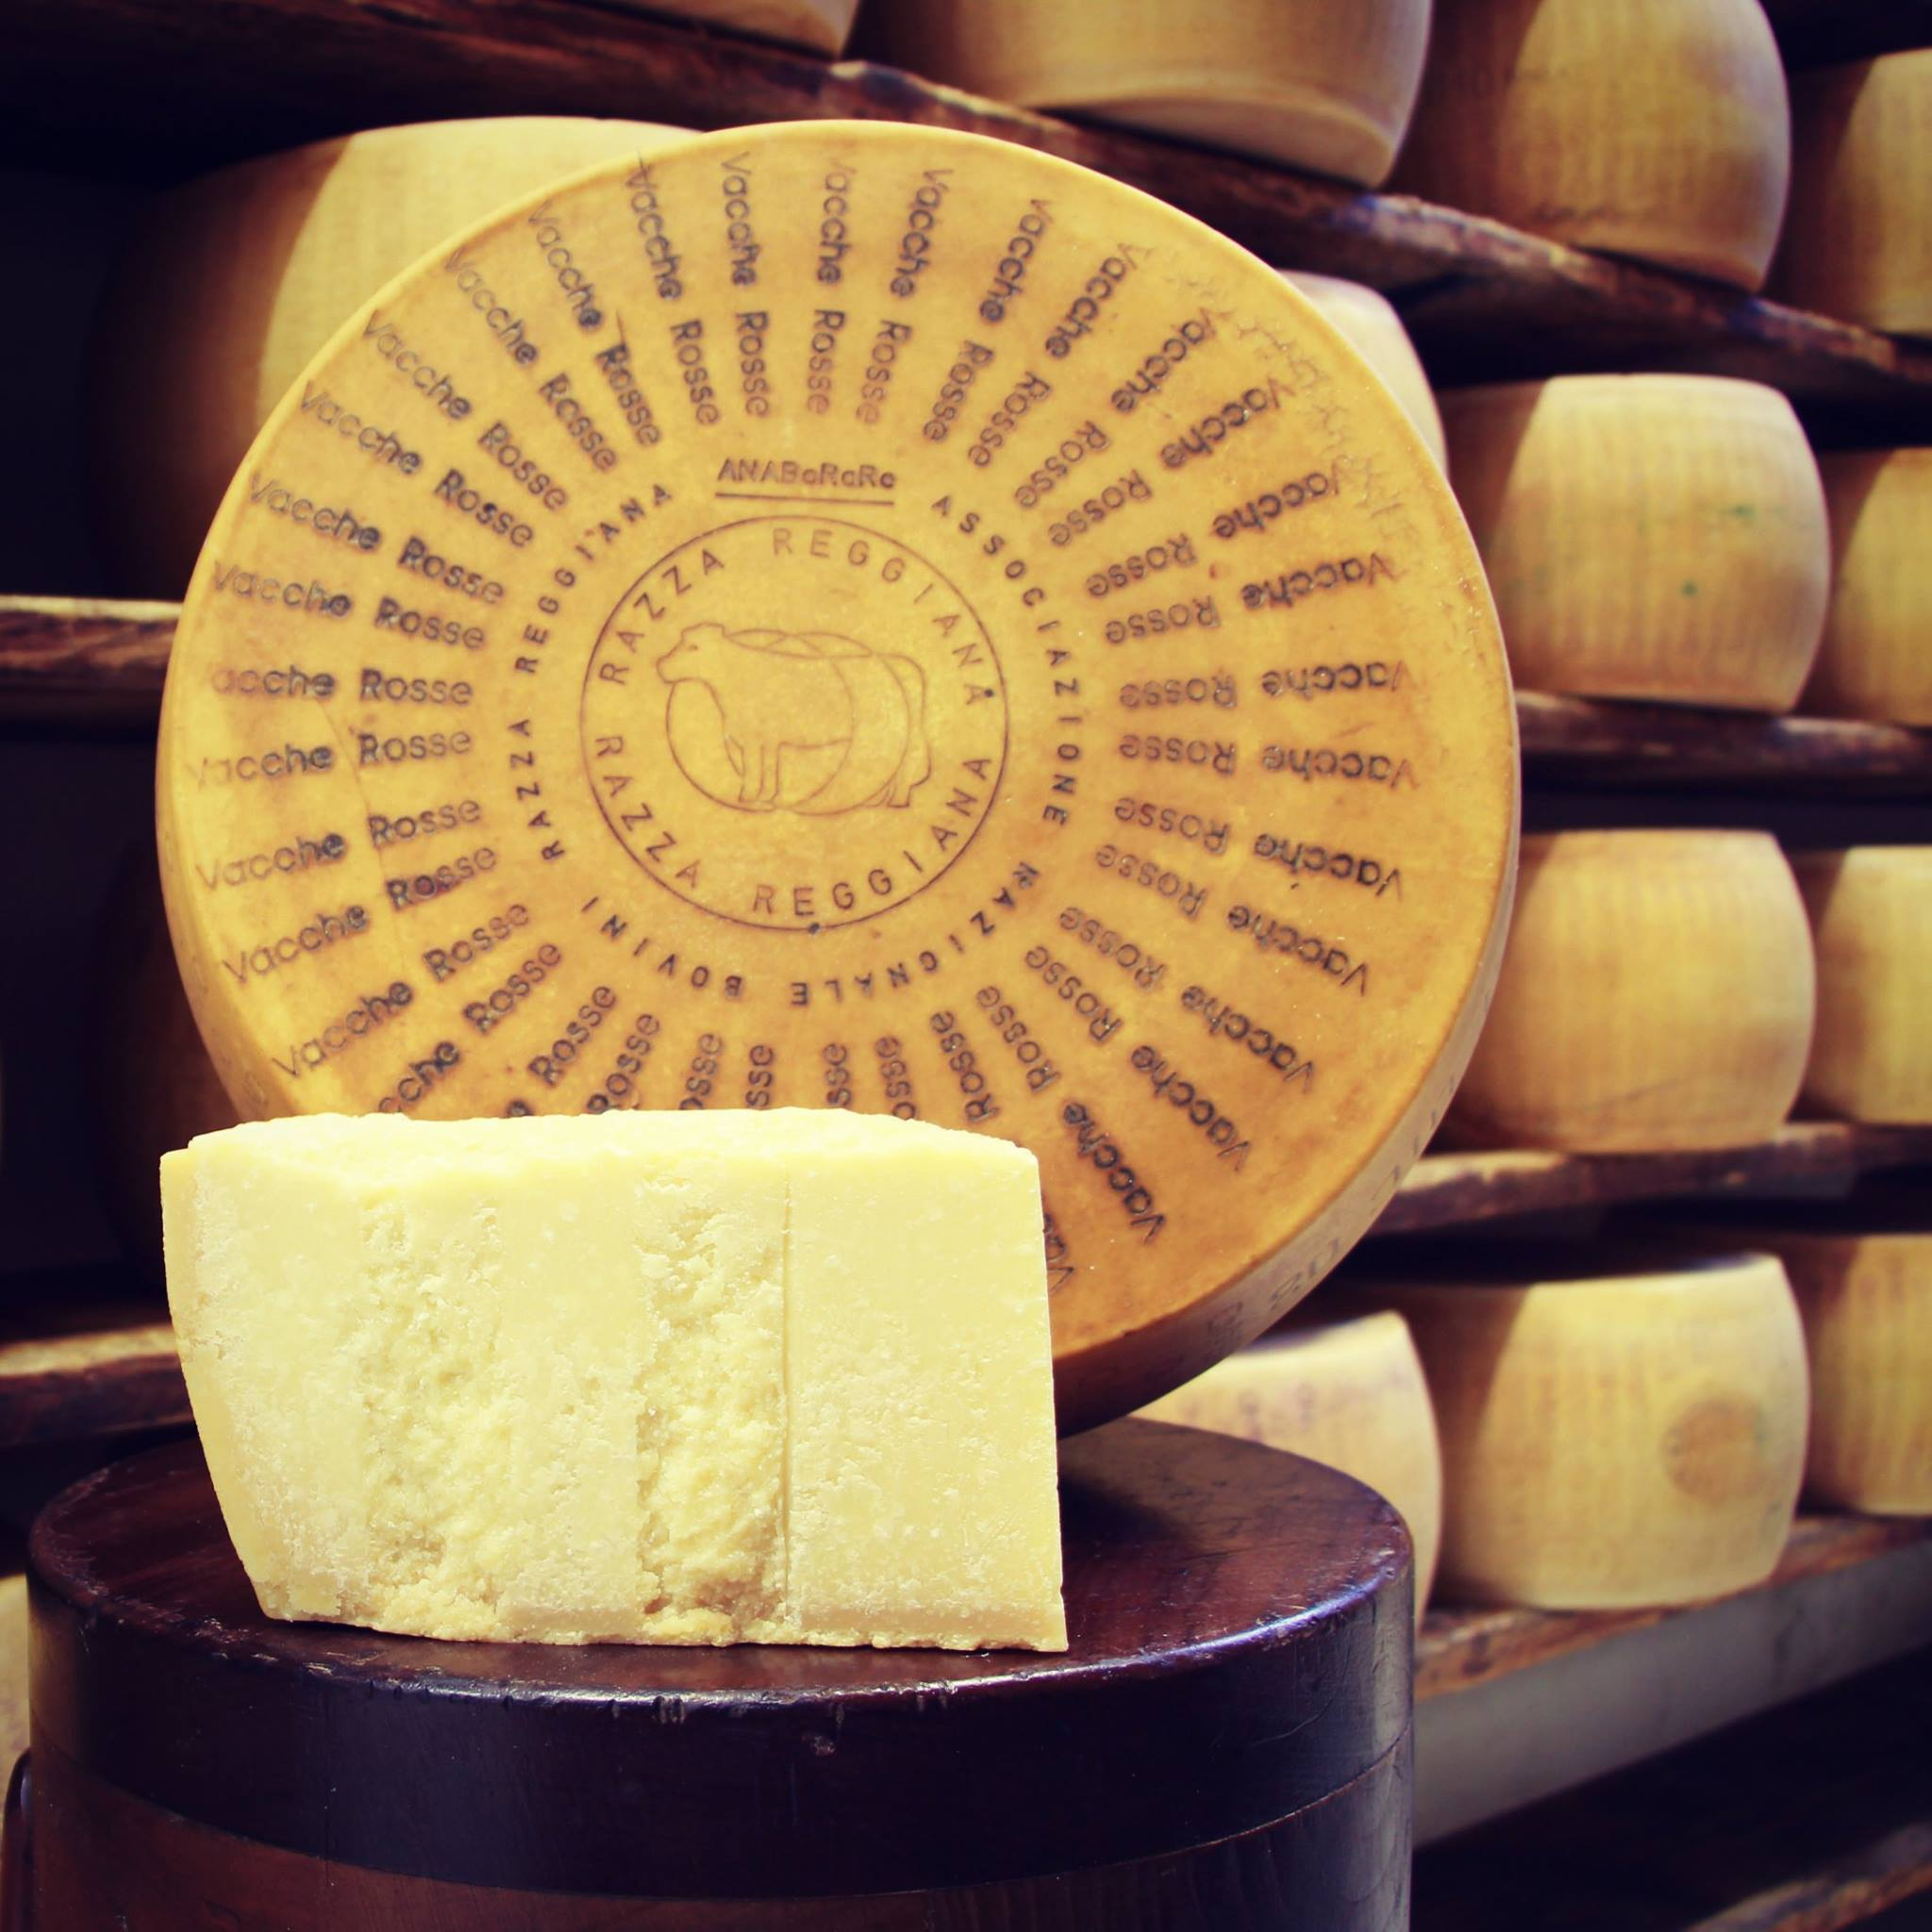 Parmigiano Reggiano Vacche Rosse(aus der Milch der roten Kuh) -  24/30 mesi 0,50 / 0,55 Kg.